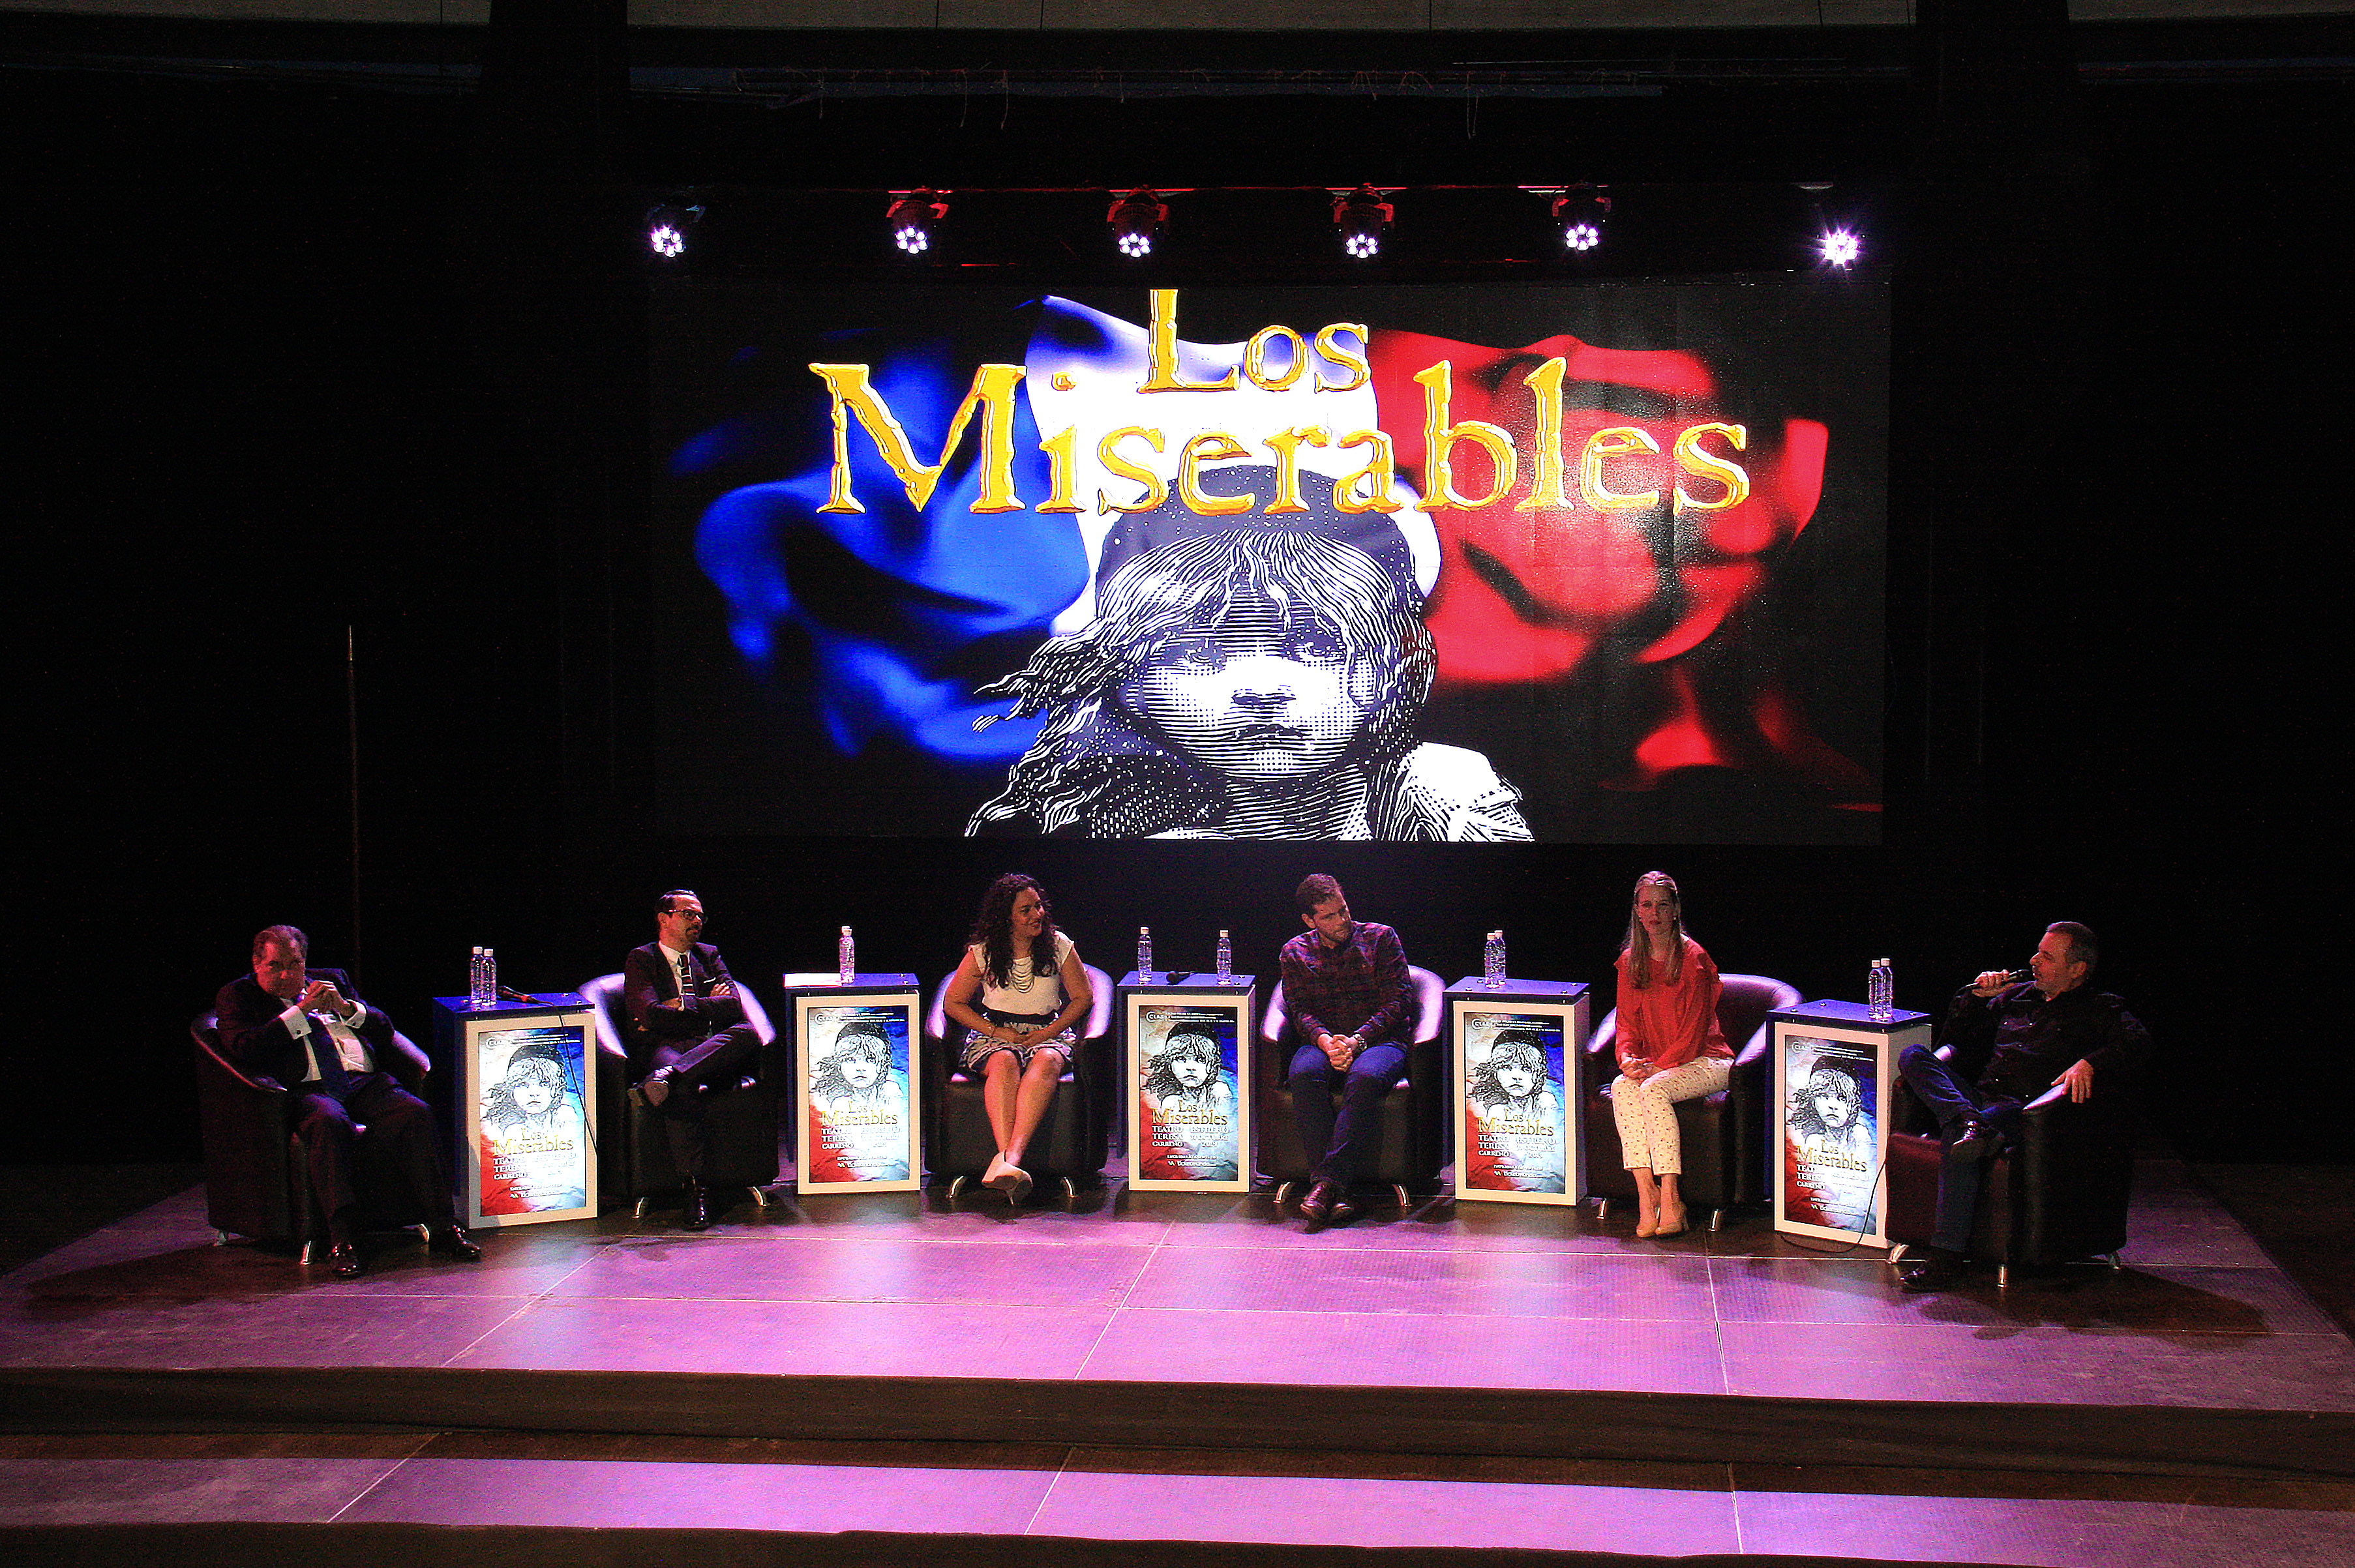 Músicos De El Sistema Participan En La Súper Producción De Los Miserables Venezuela